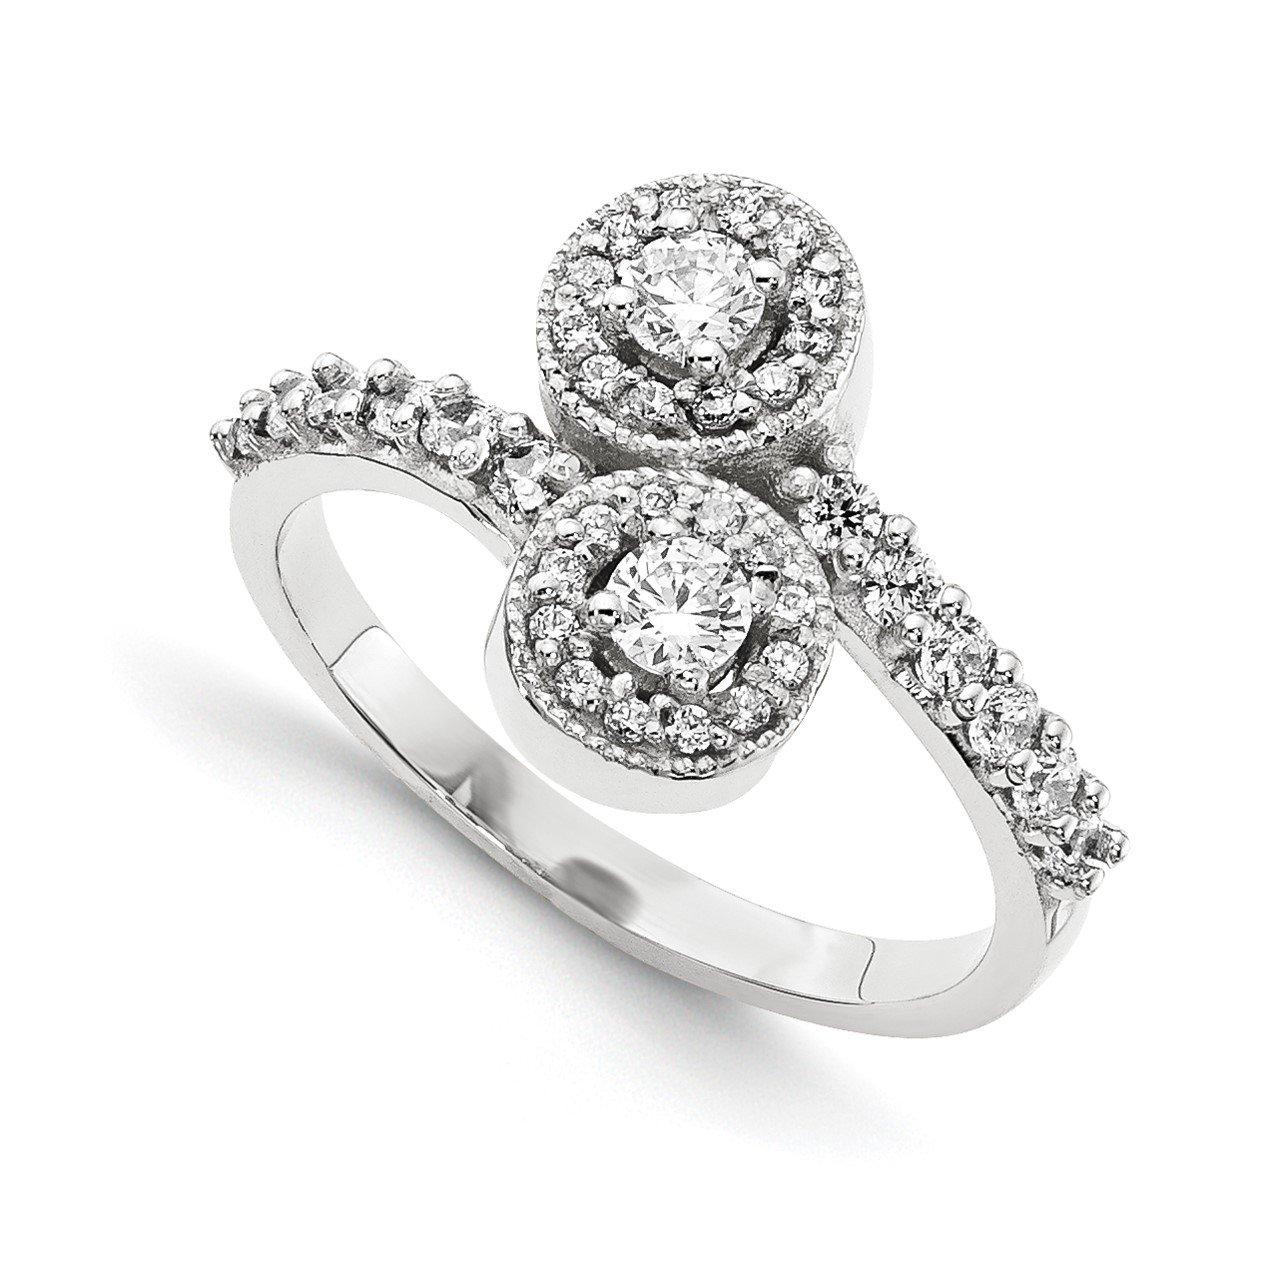 14KW AA Diamond 2-stone Ring Semi-Mount - 2.3 mm center stones